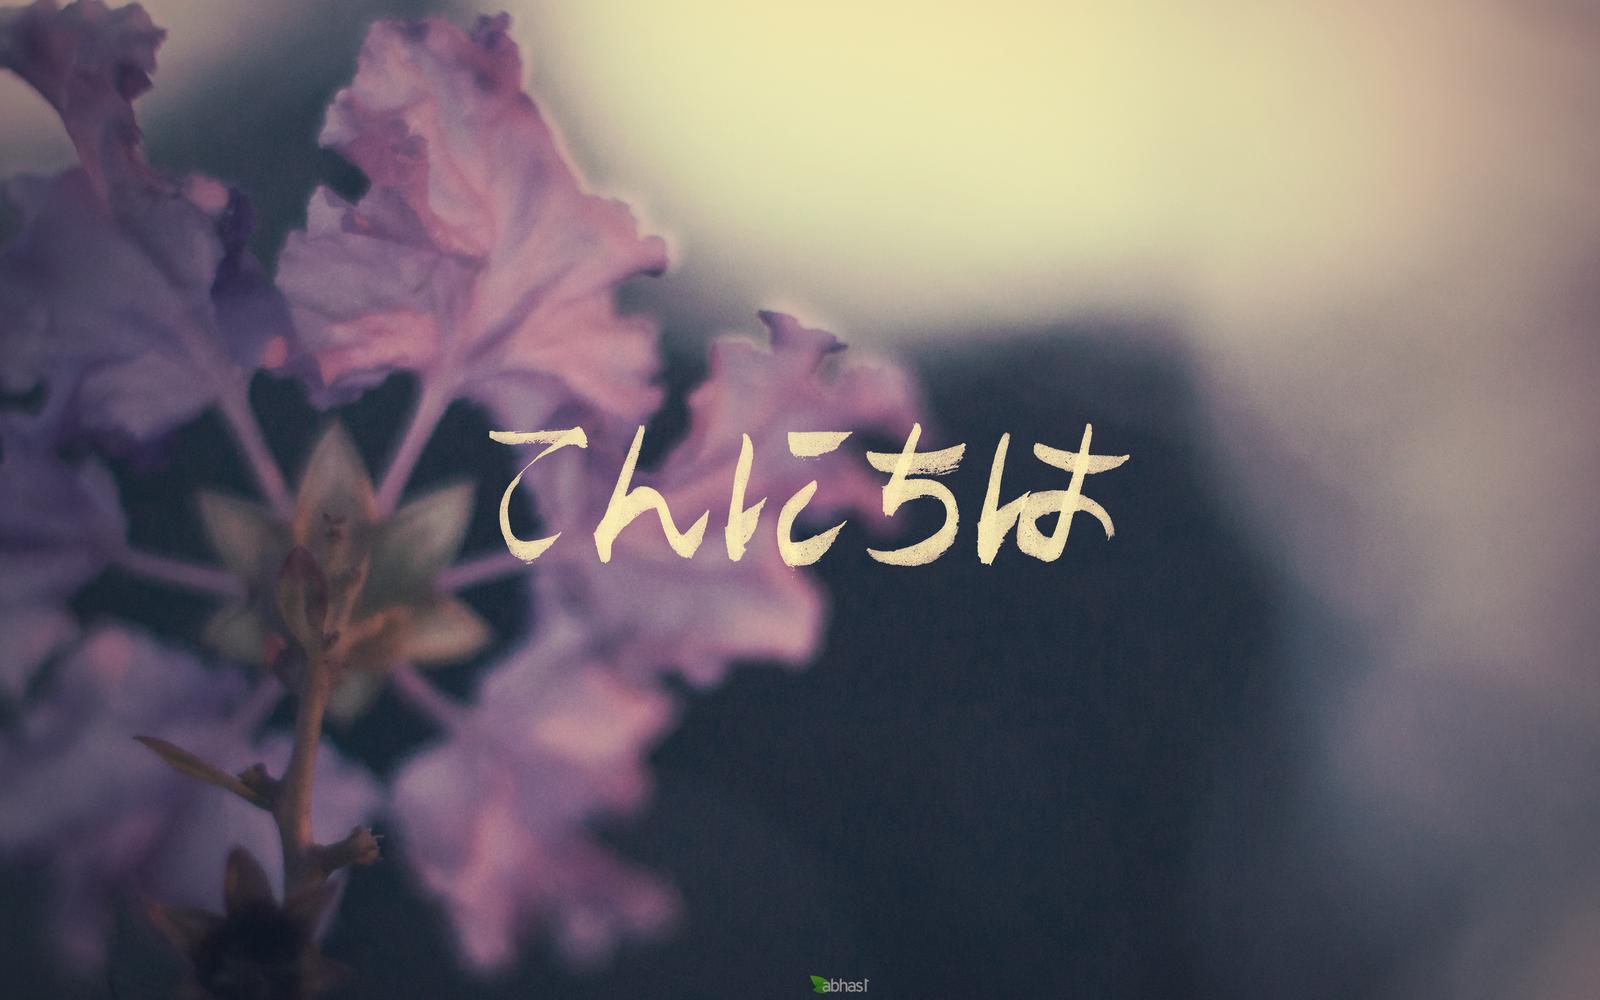 Konichiwa by abhas1